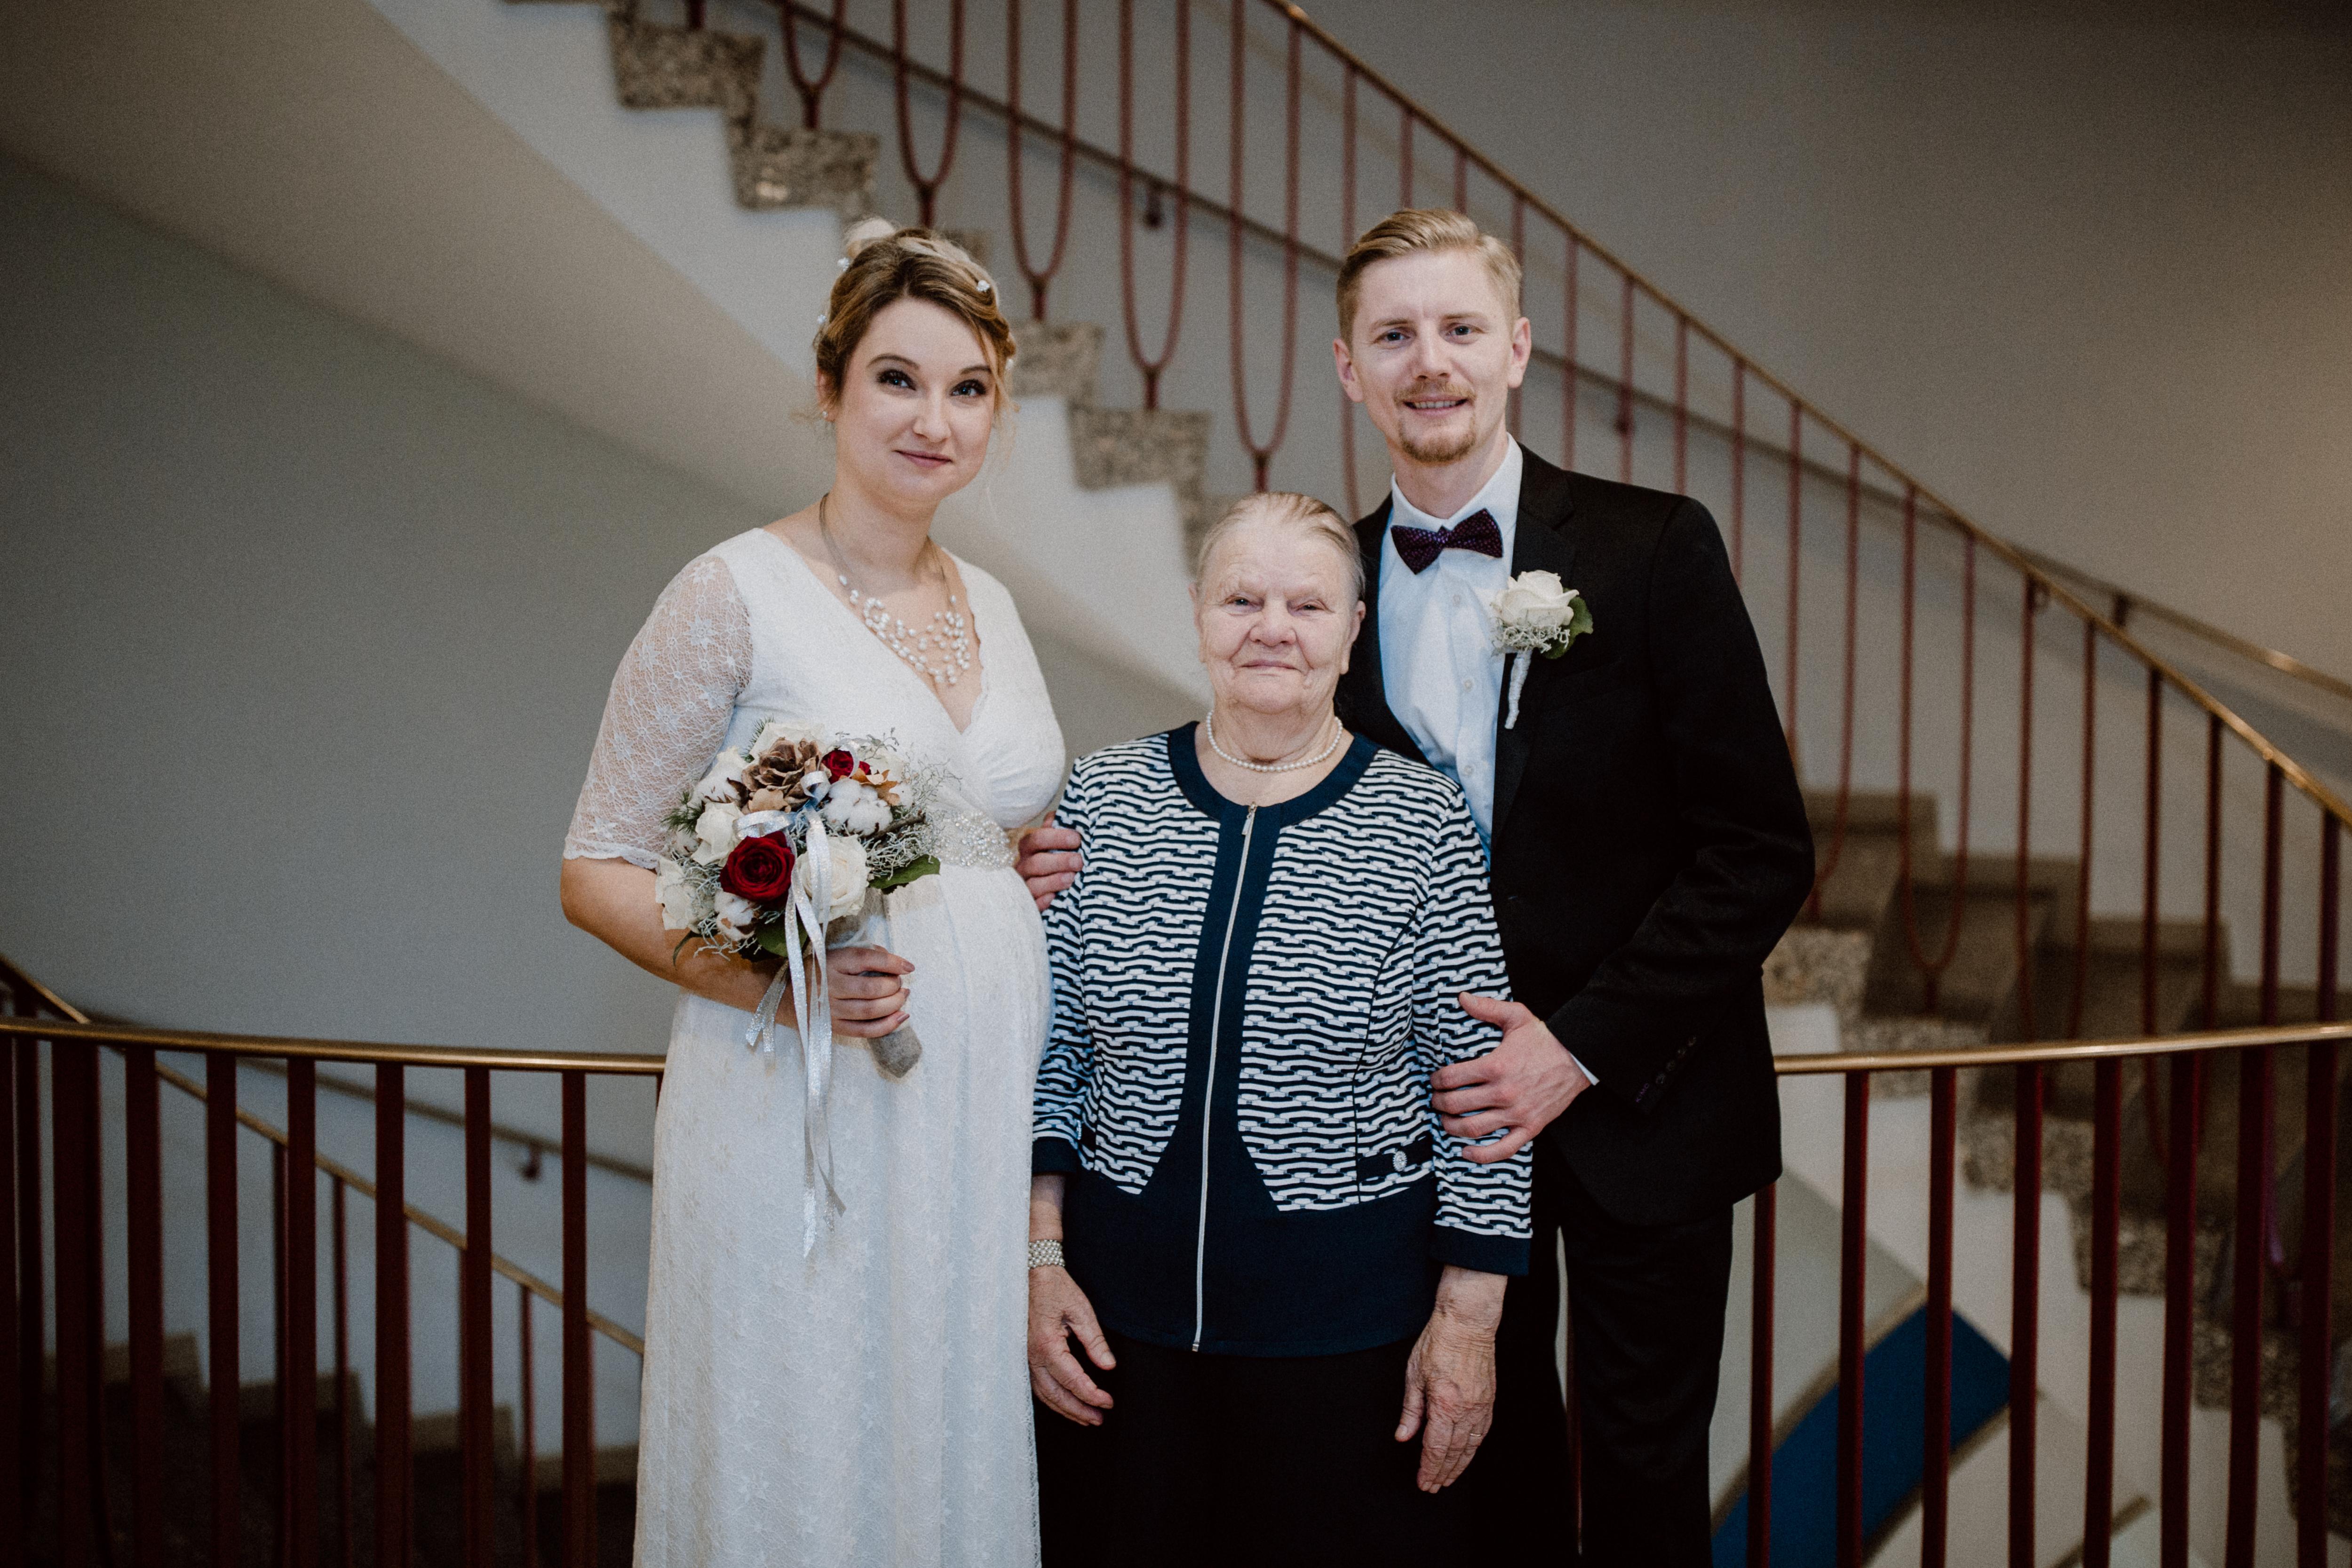 URBANERIE_Daniela_Goth_Hochzeitsfotografin_Nürnberg_Fürth_Erlangen_Schwabach_171110_0406